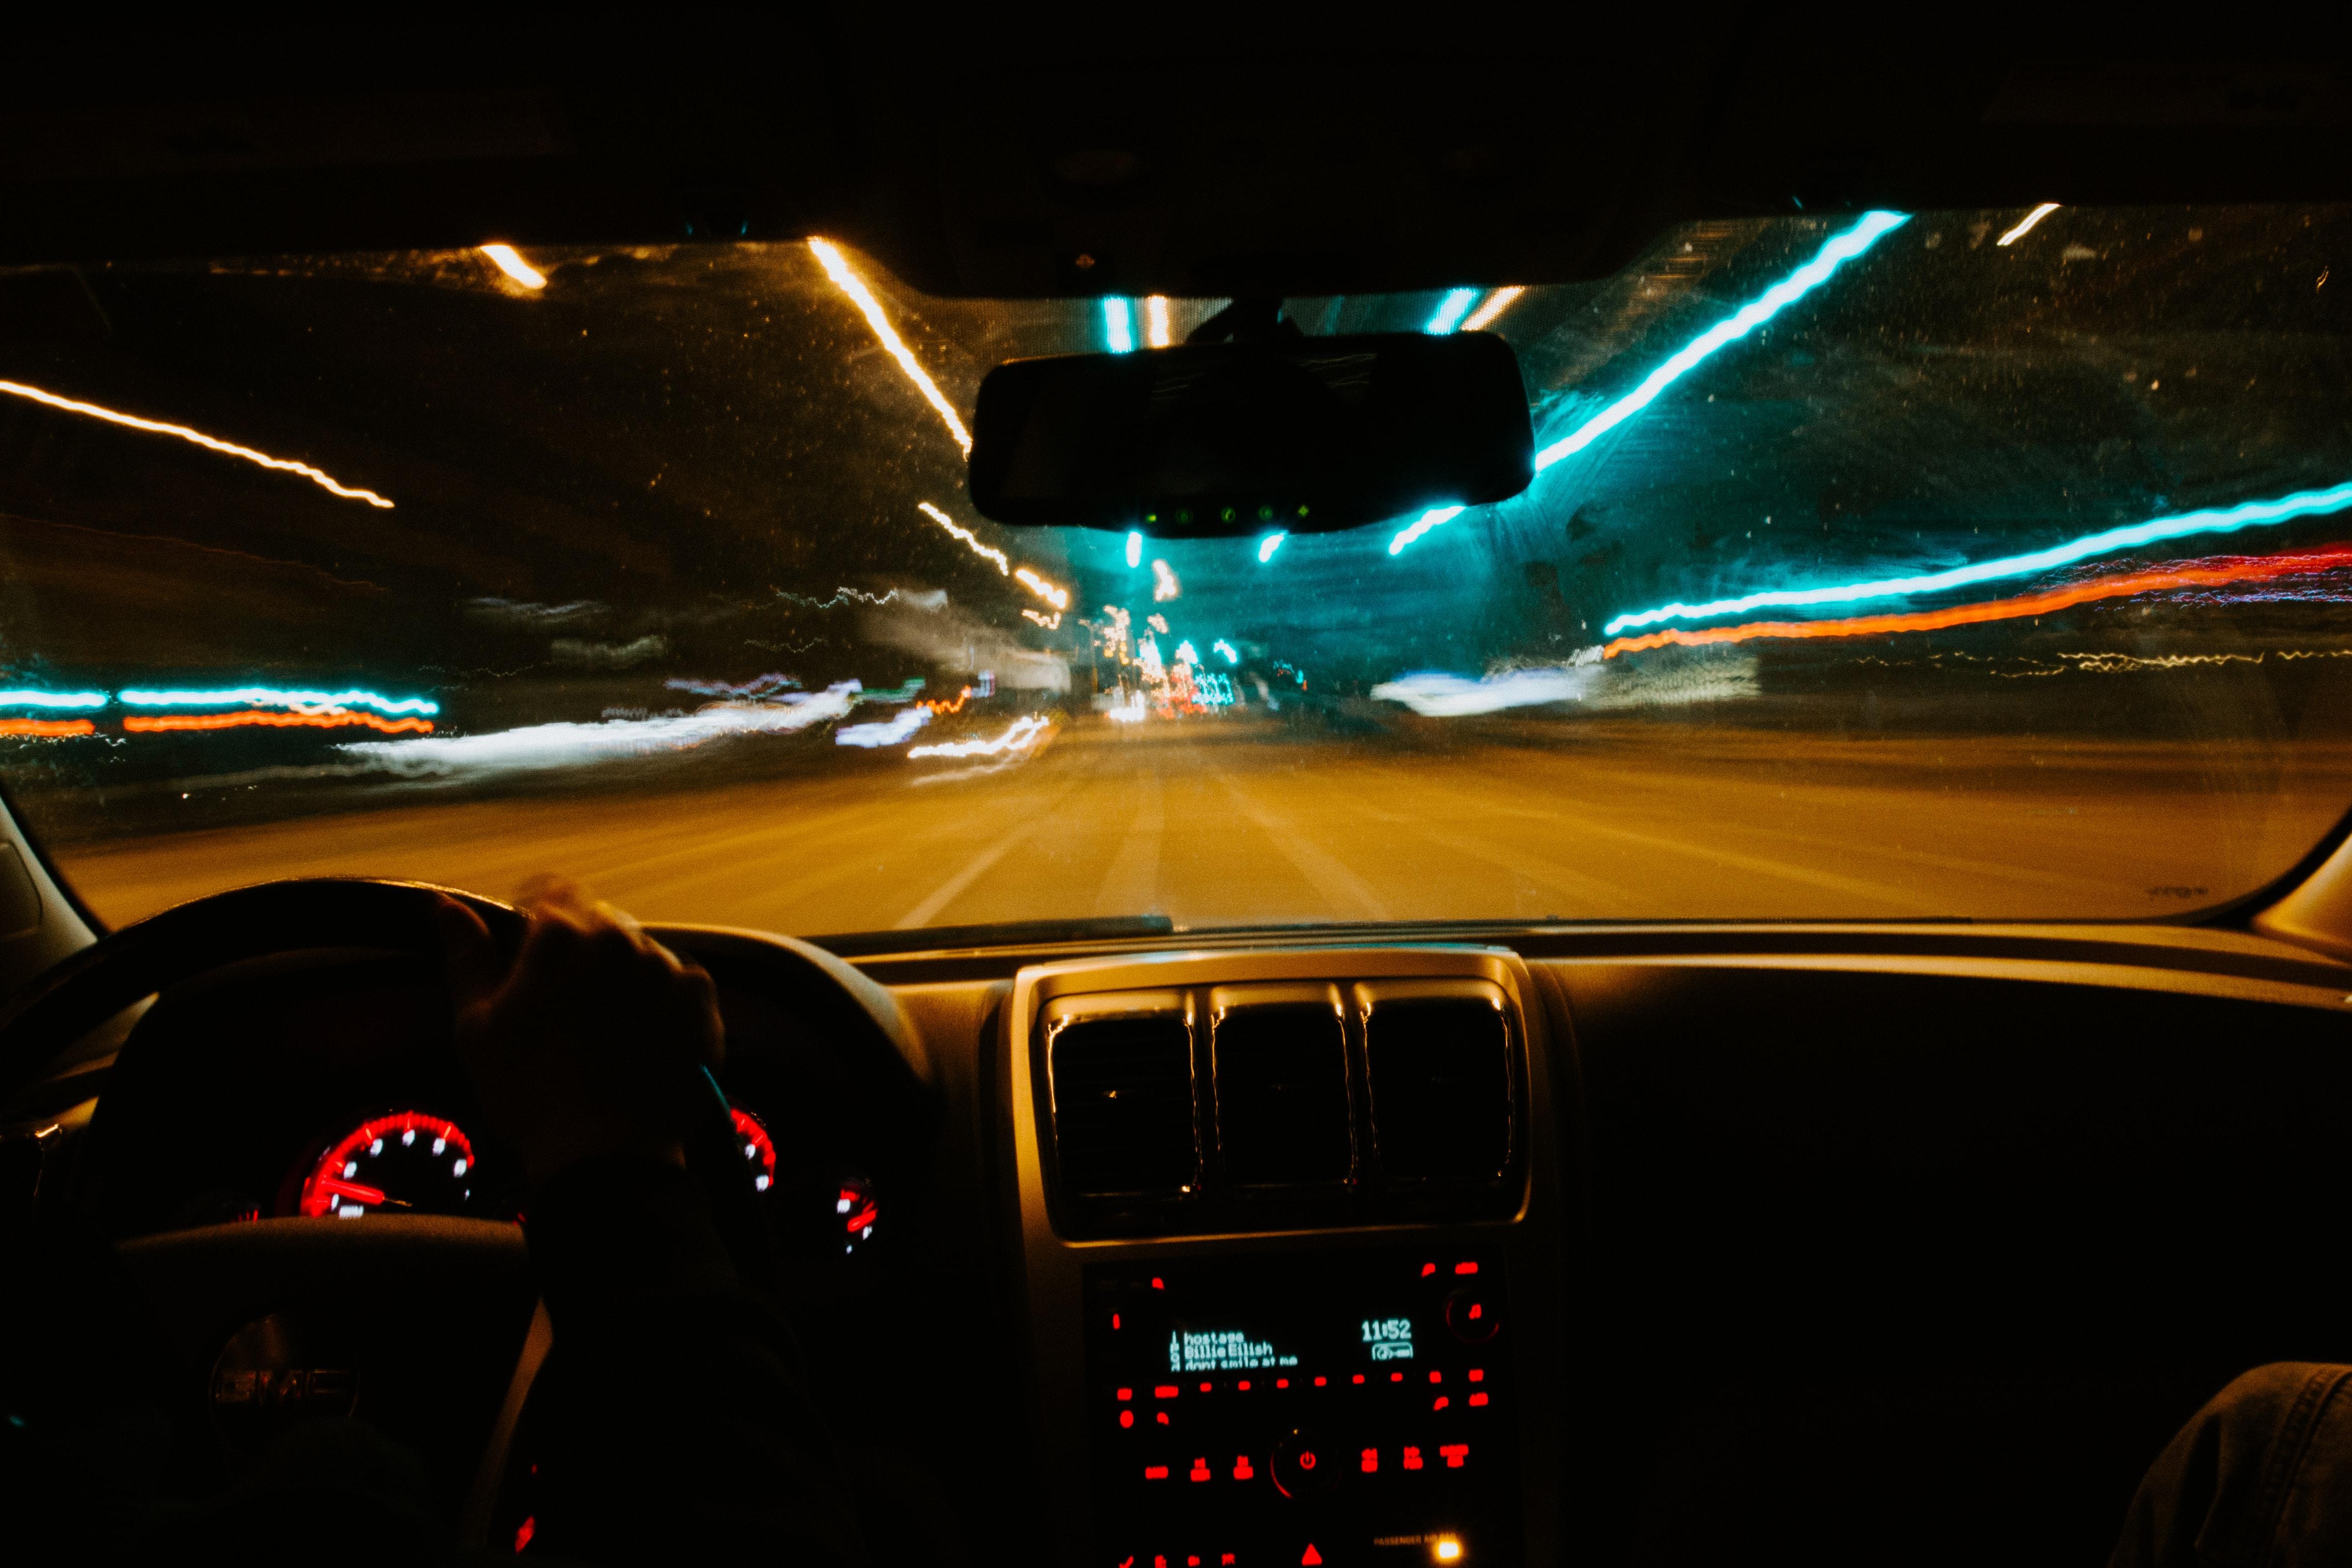 jazda v aute v noci na osvetlenej ulici